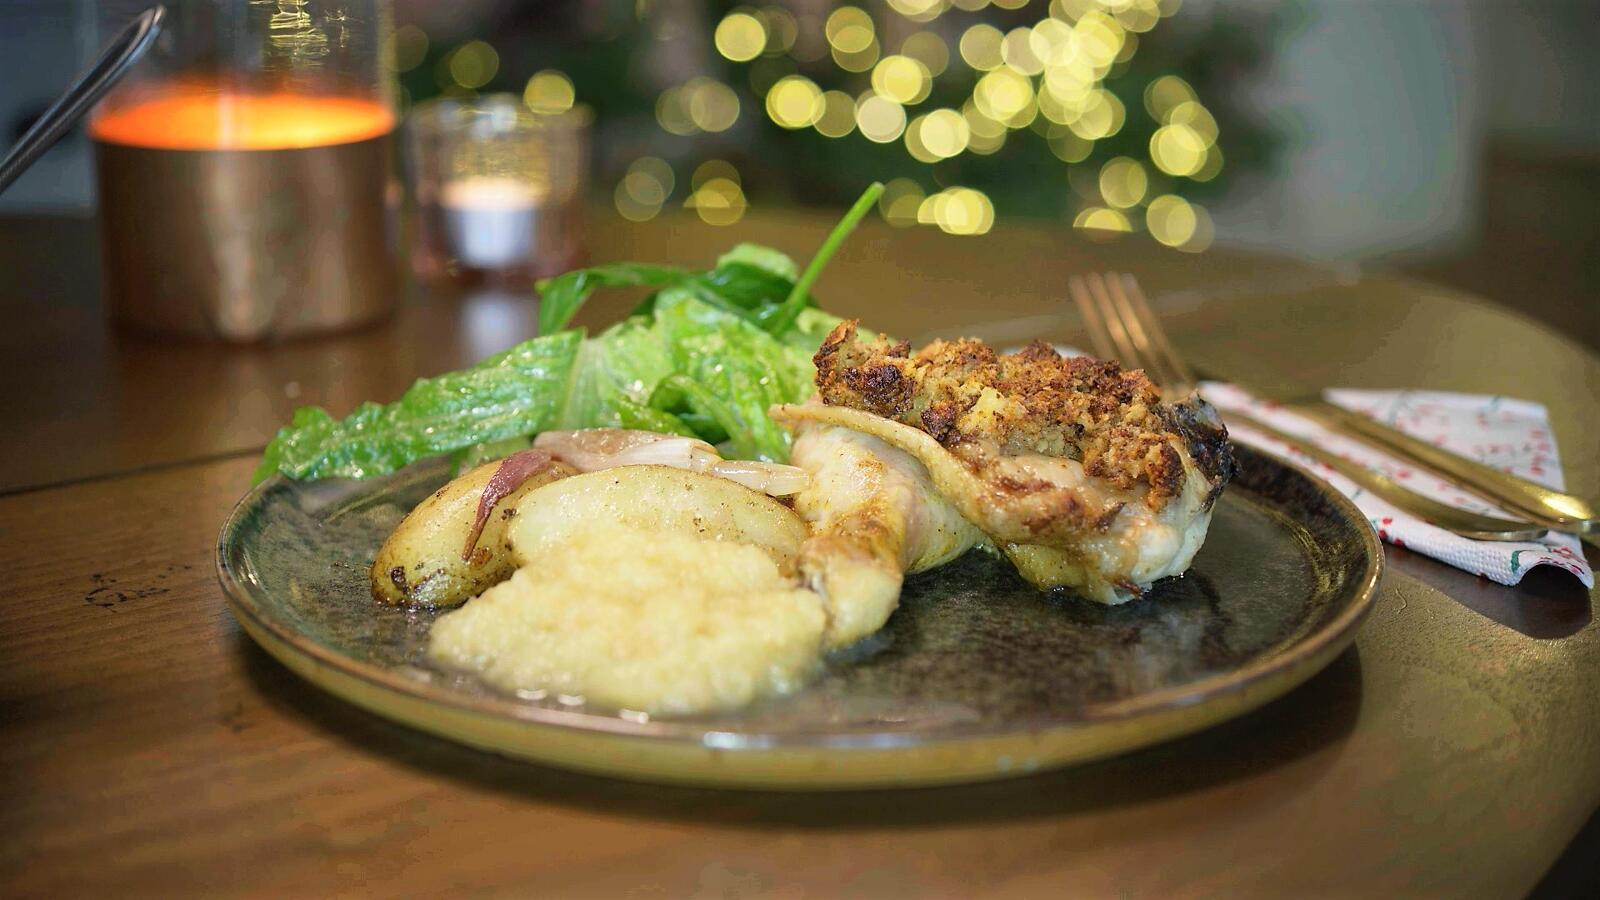 Kip met mosterdkorst, gebakken aardappel, groene sla en appelmoes